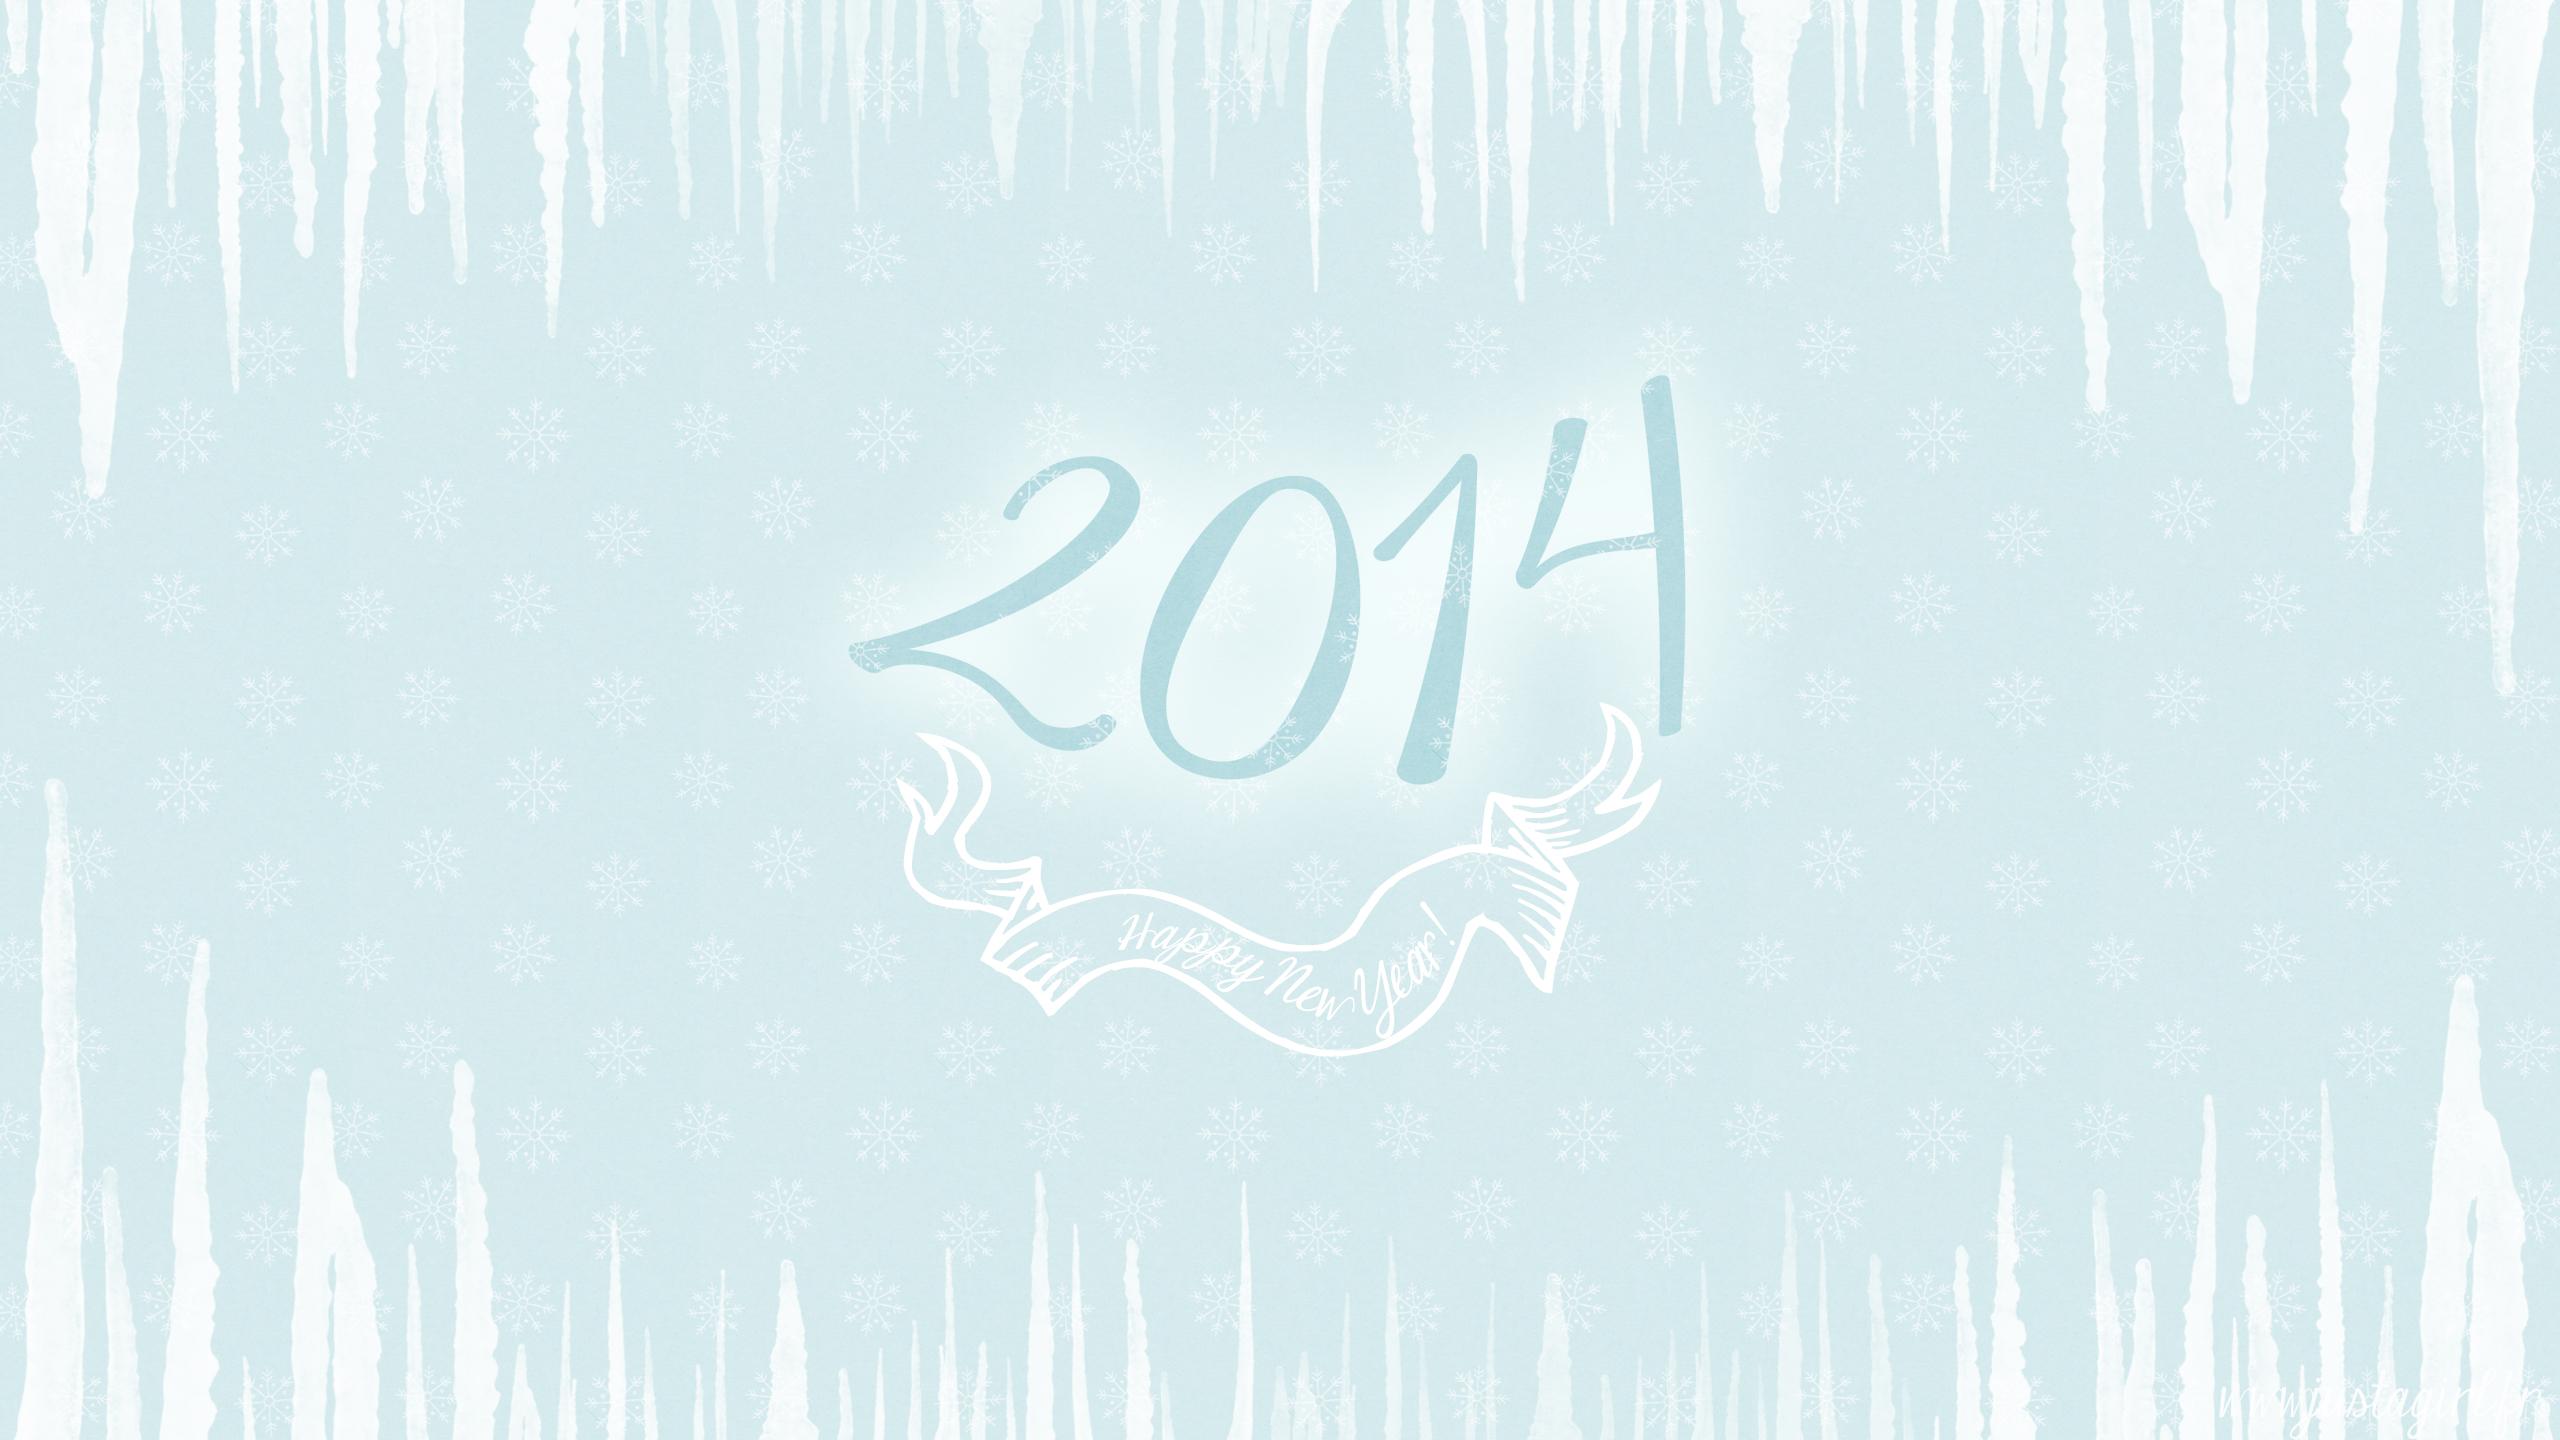 wallpaper-janvier-2014-panoramique-sans-calendrier